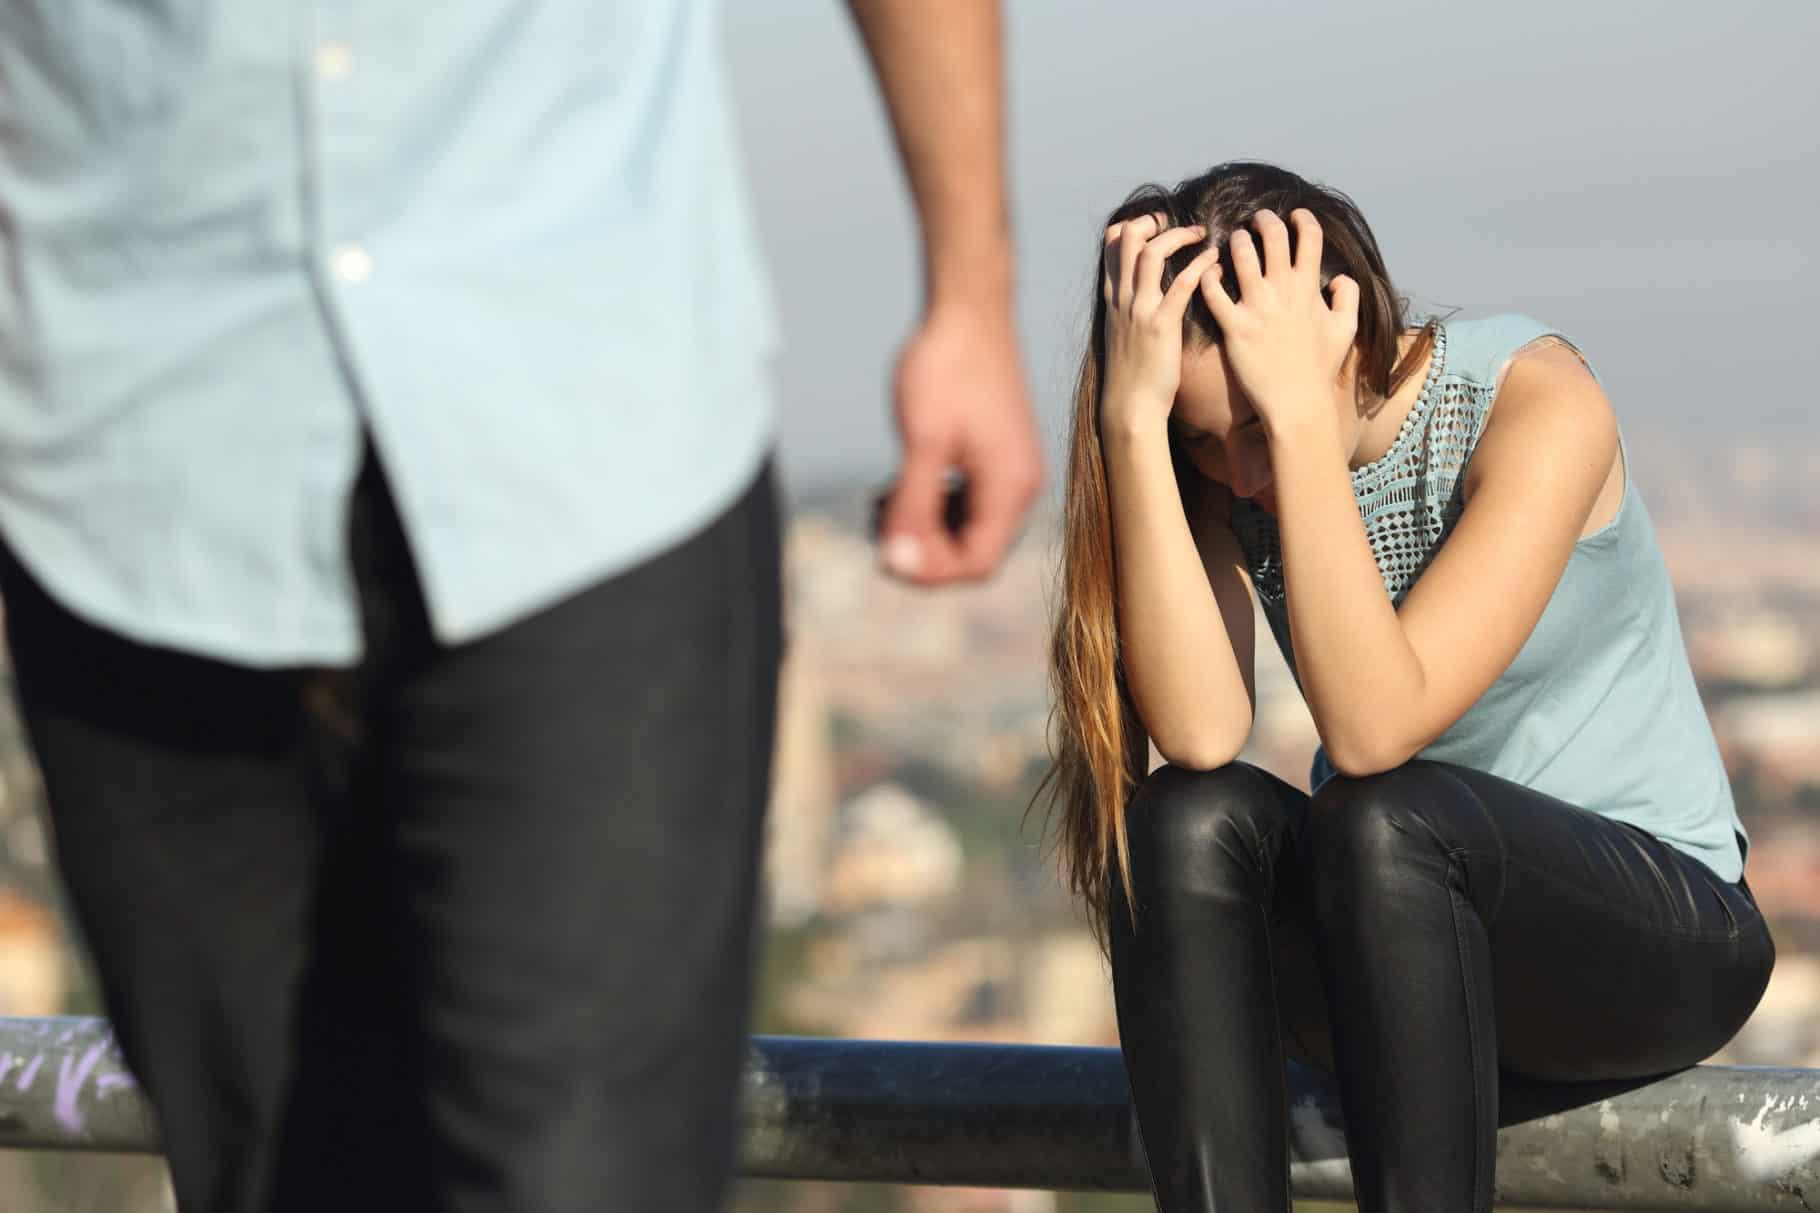 Koniec związku - jak się dobrze rozstać